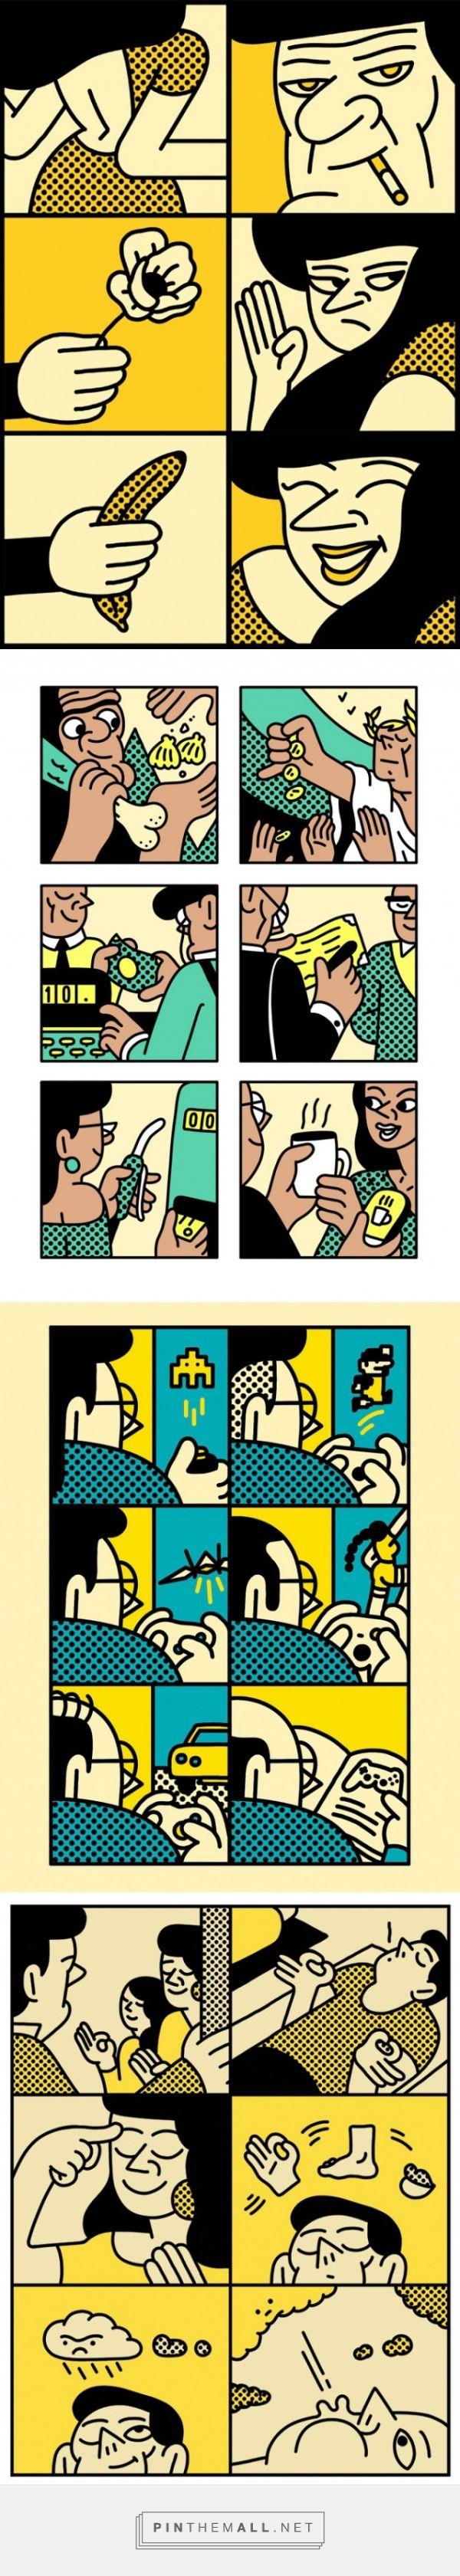 Pop Illustrations by Simon Landrein – Fubiz™